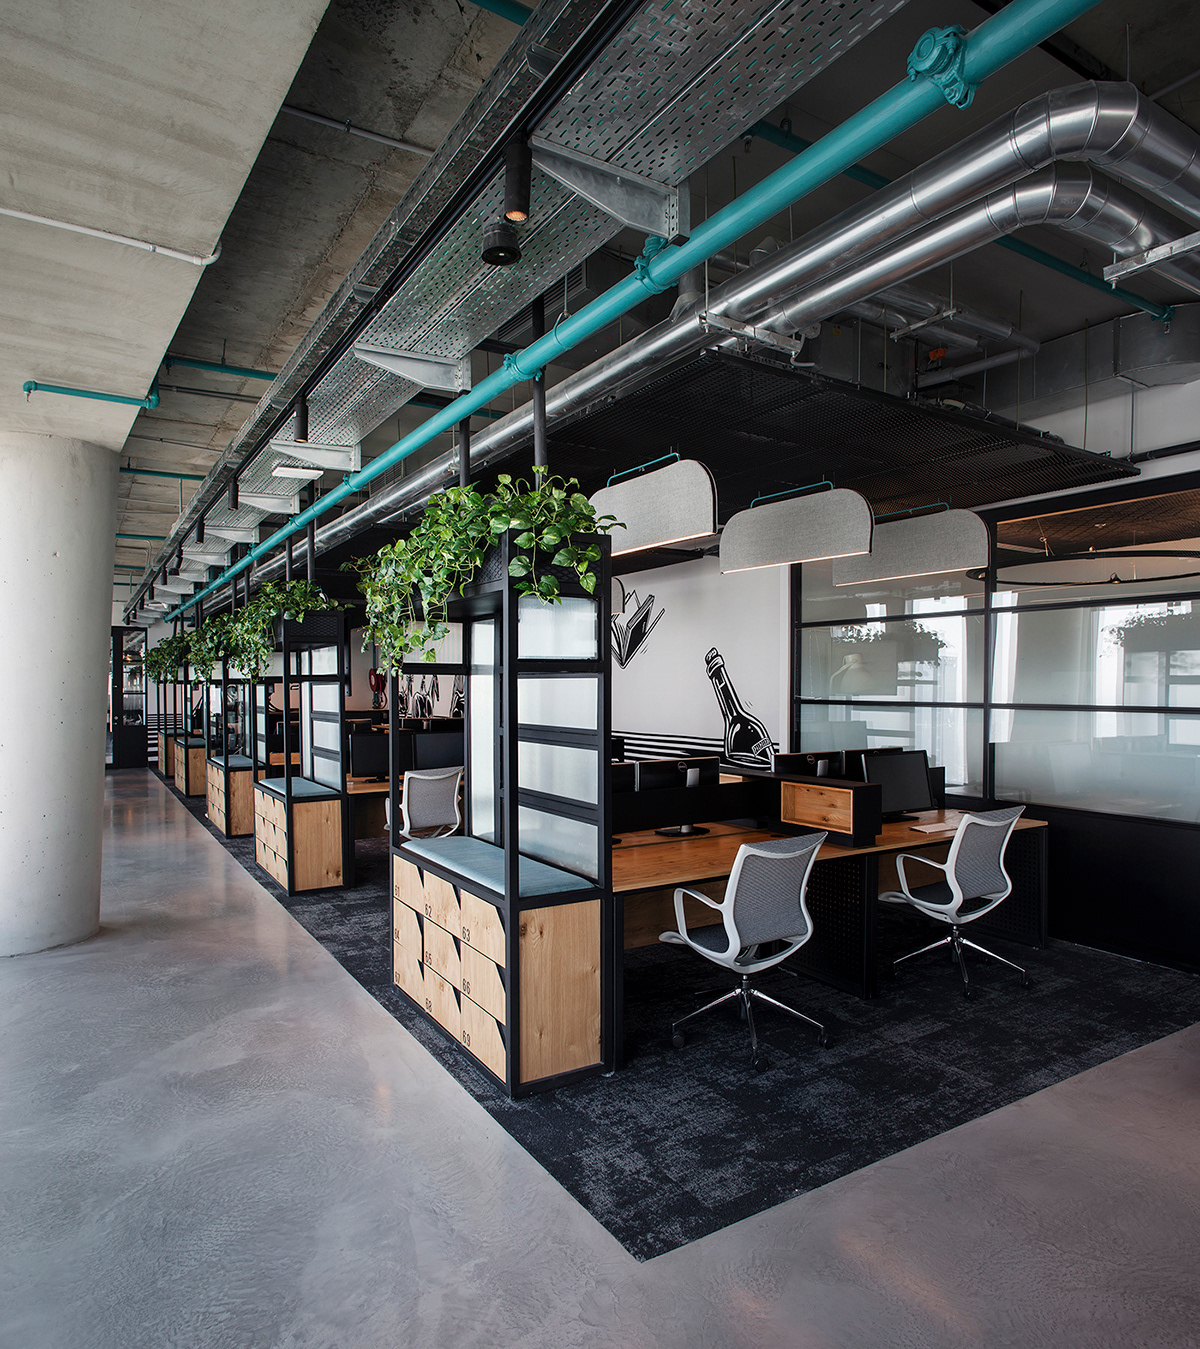 thiết kế văn phòng làm việc hiện đại